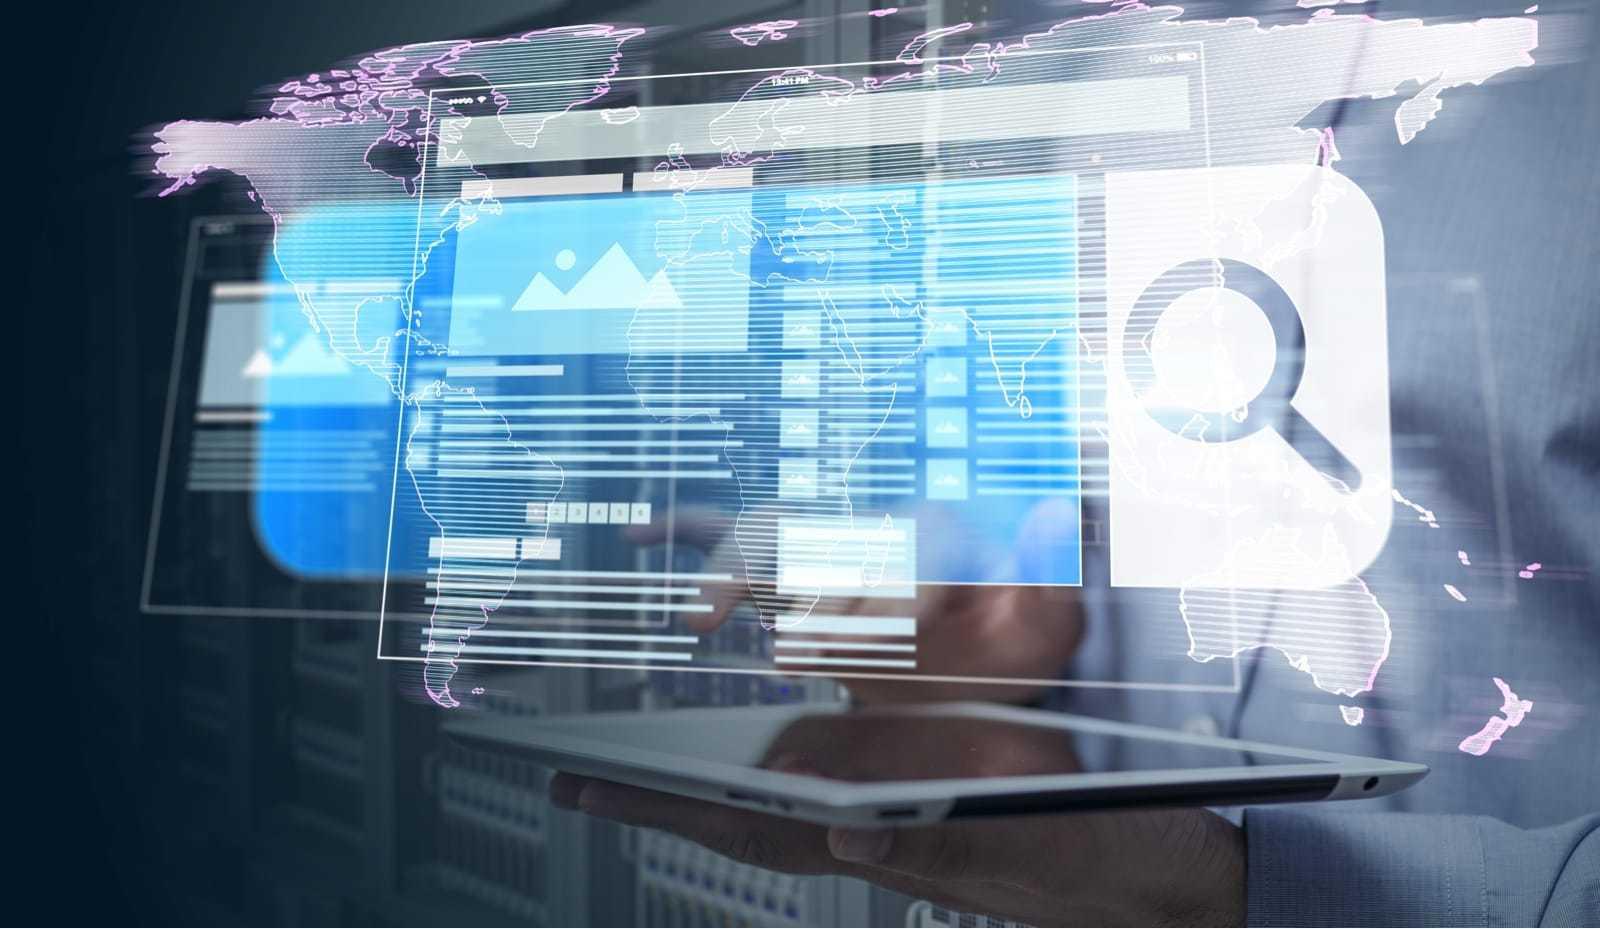 Webサイト構造化のイメージ